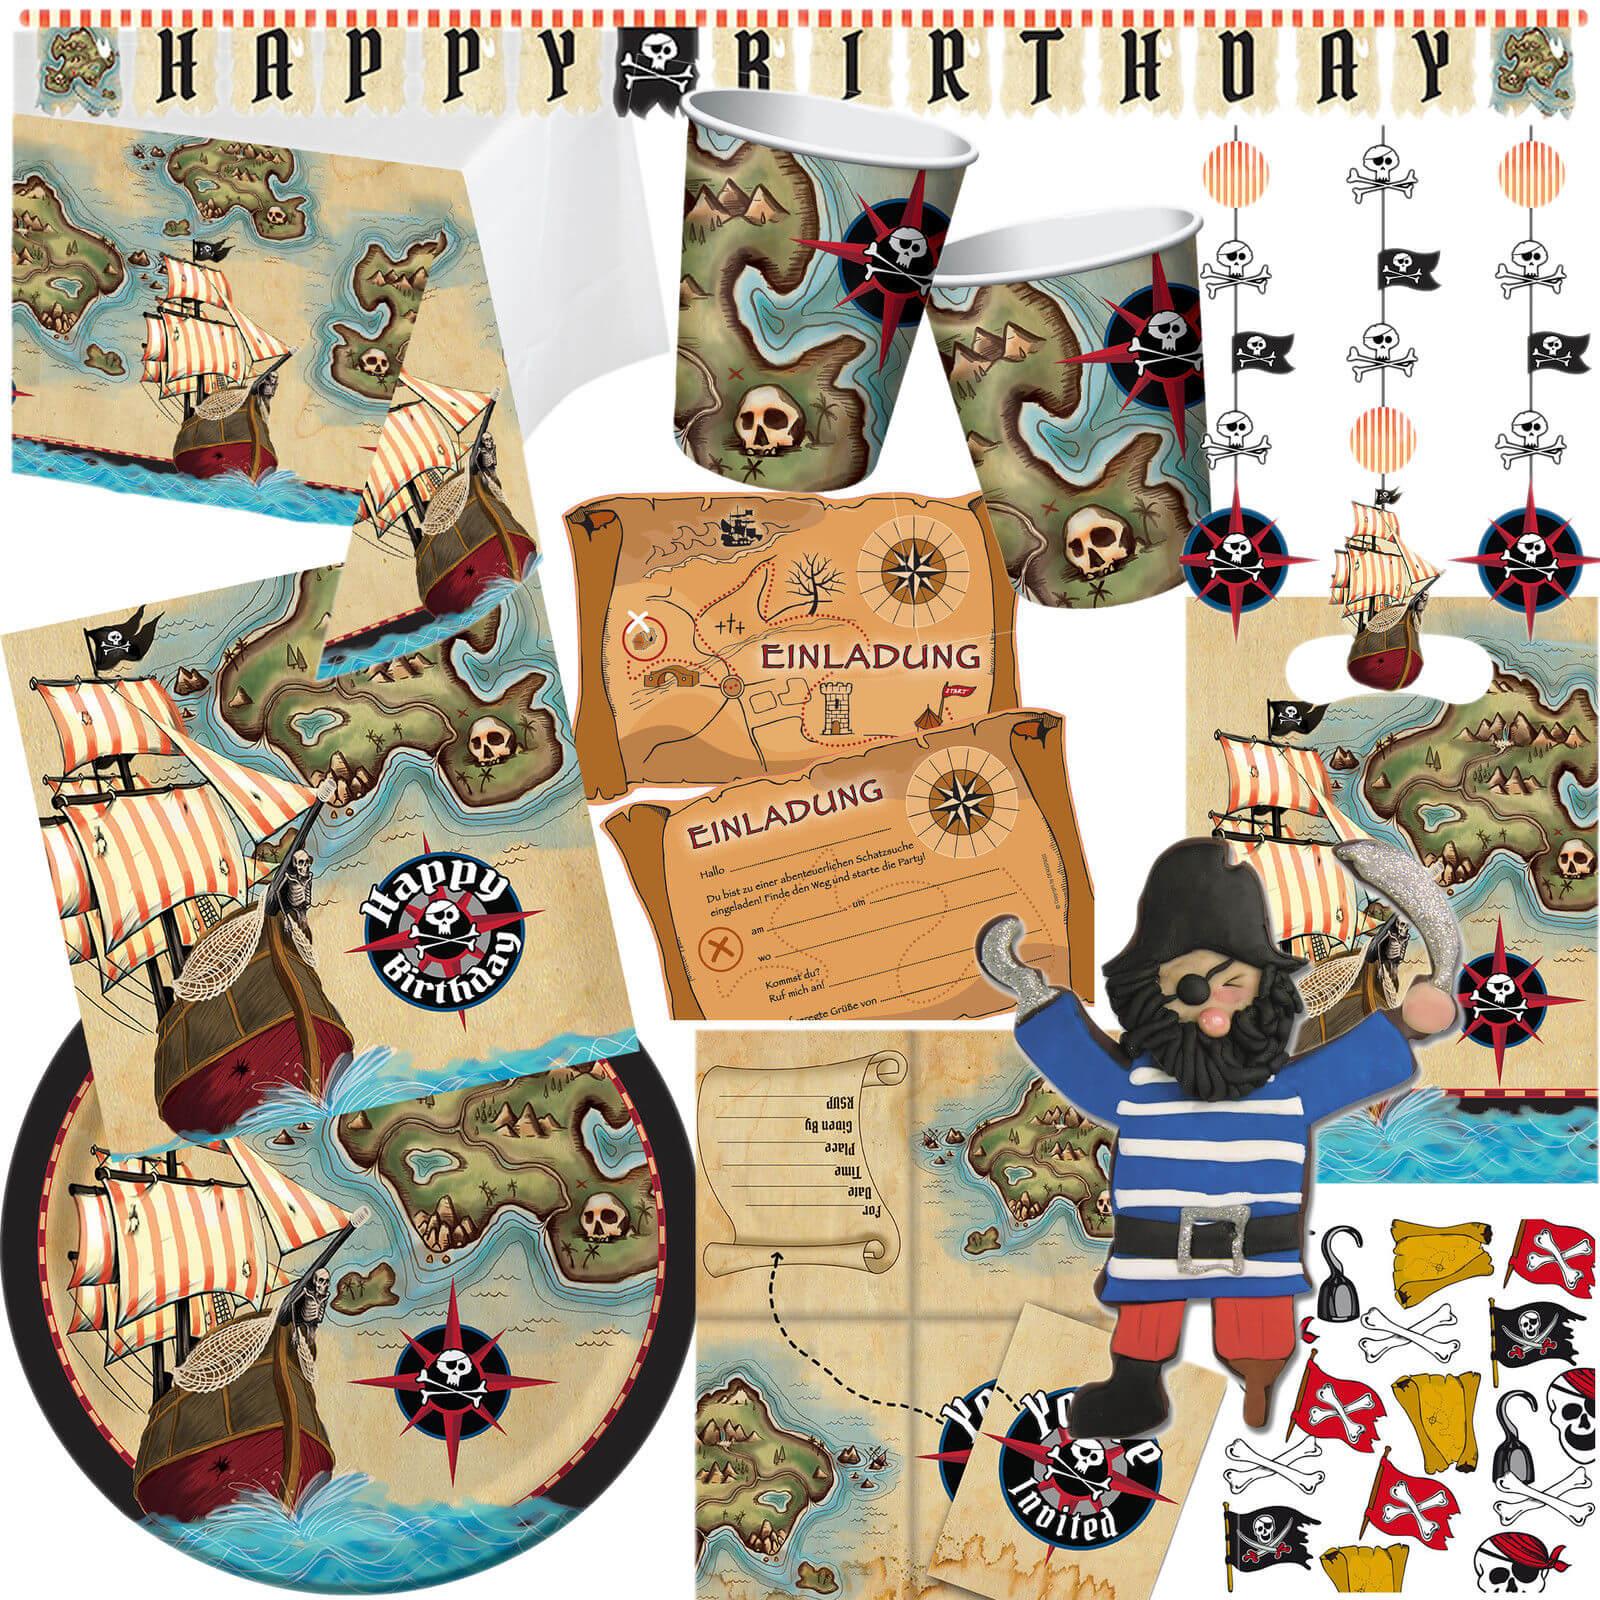 Piraten Party - Dekoration und Zubehör Tipps - iDventure